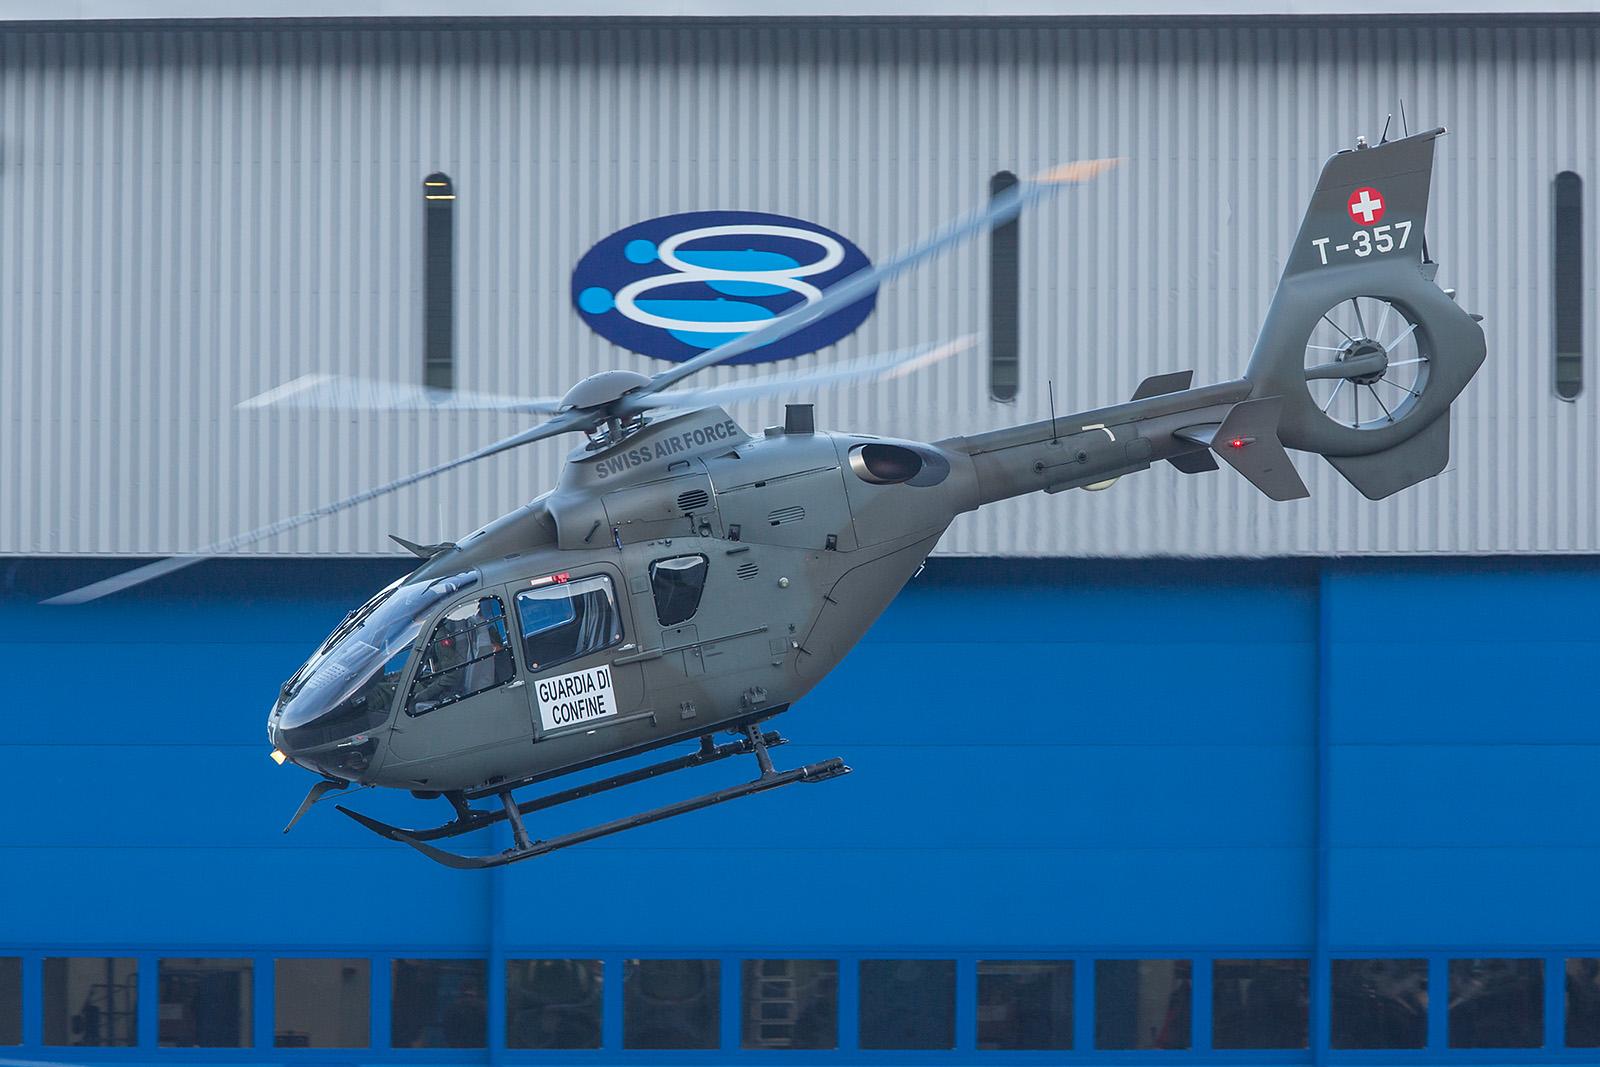 Schon am frühen Morgen flog diese EC-635 im Auftrag des Grenzwachtkorps ab.